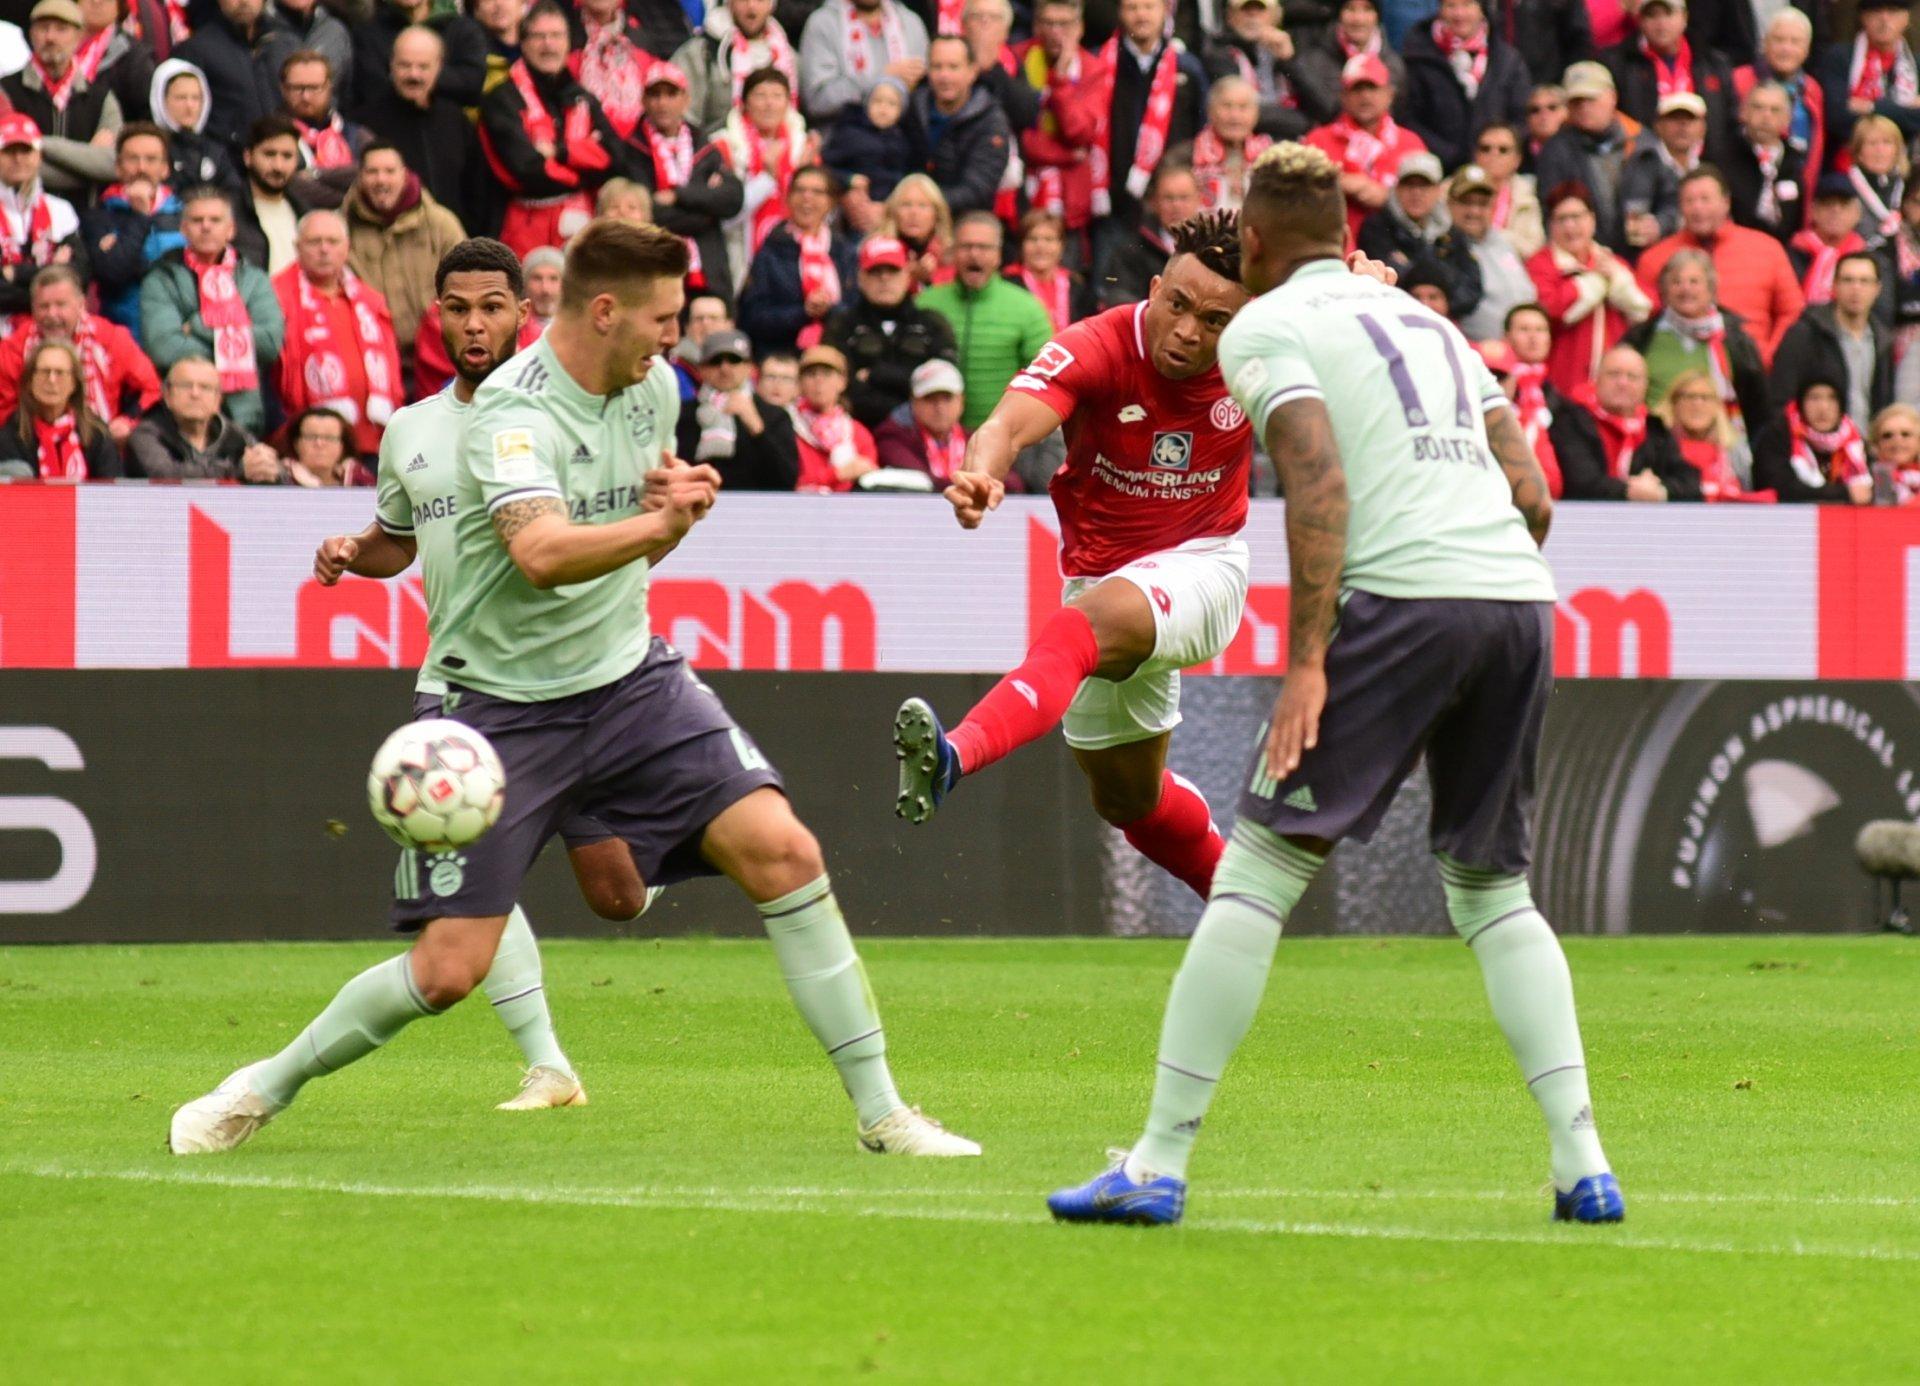 Sport Mainz